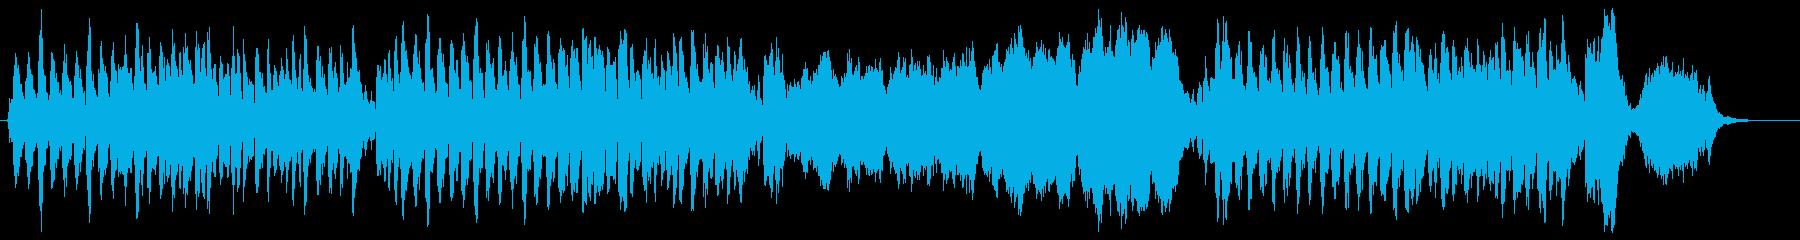 ほのぼの明るいオーケストラ曲の再生済みの波形